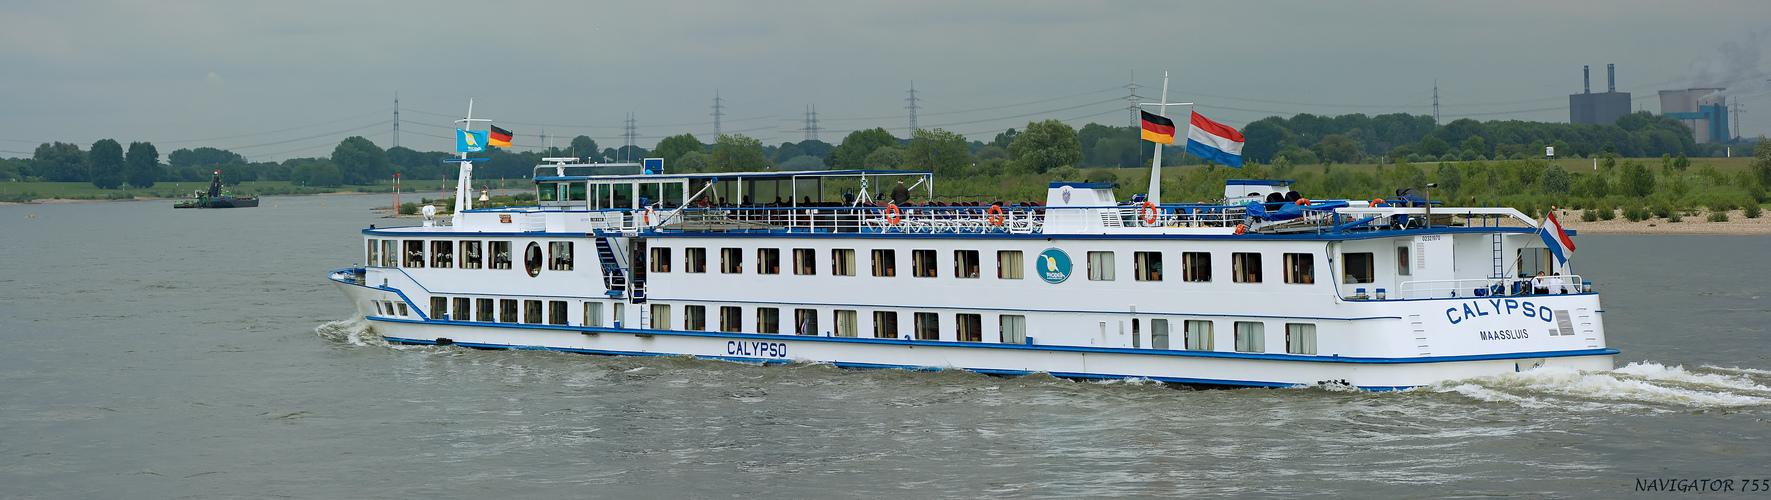 CALYPSO / River cruiser